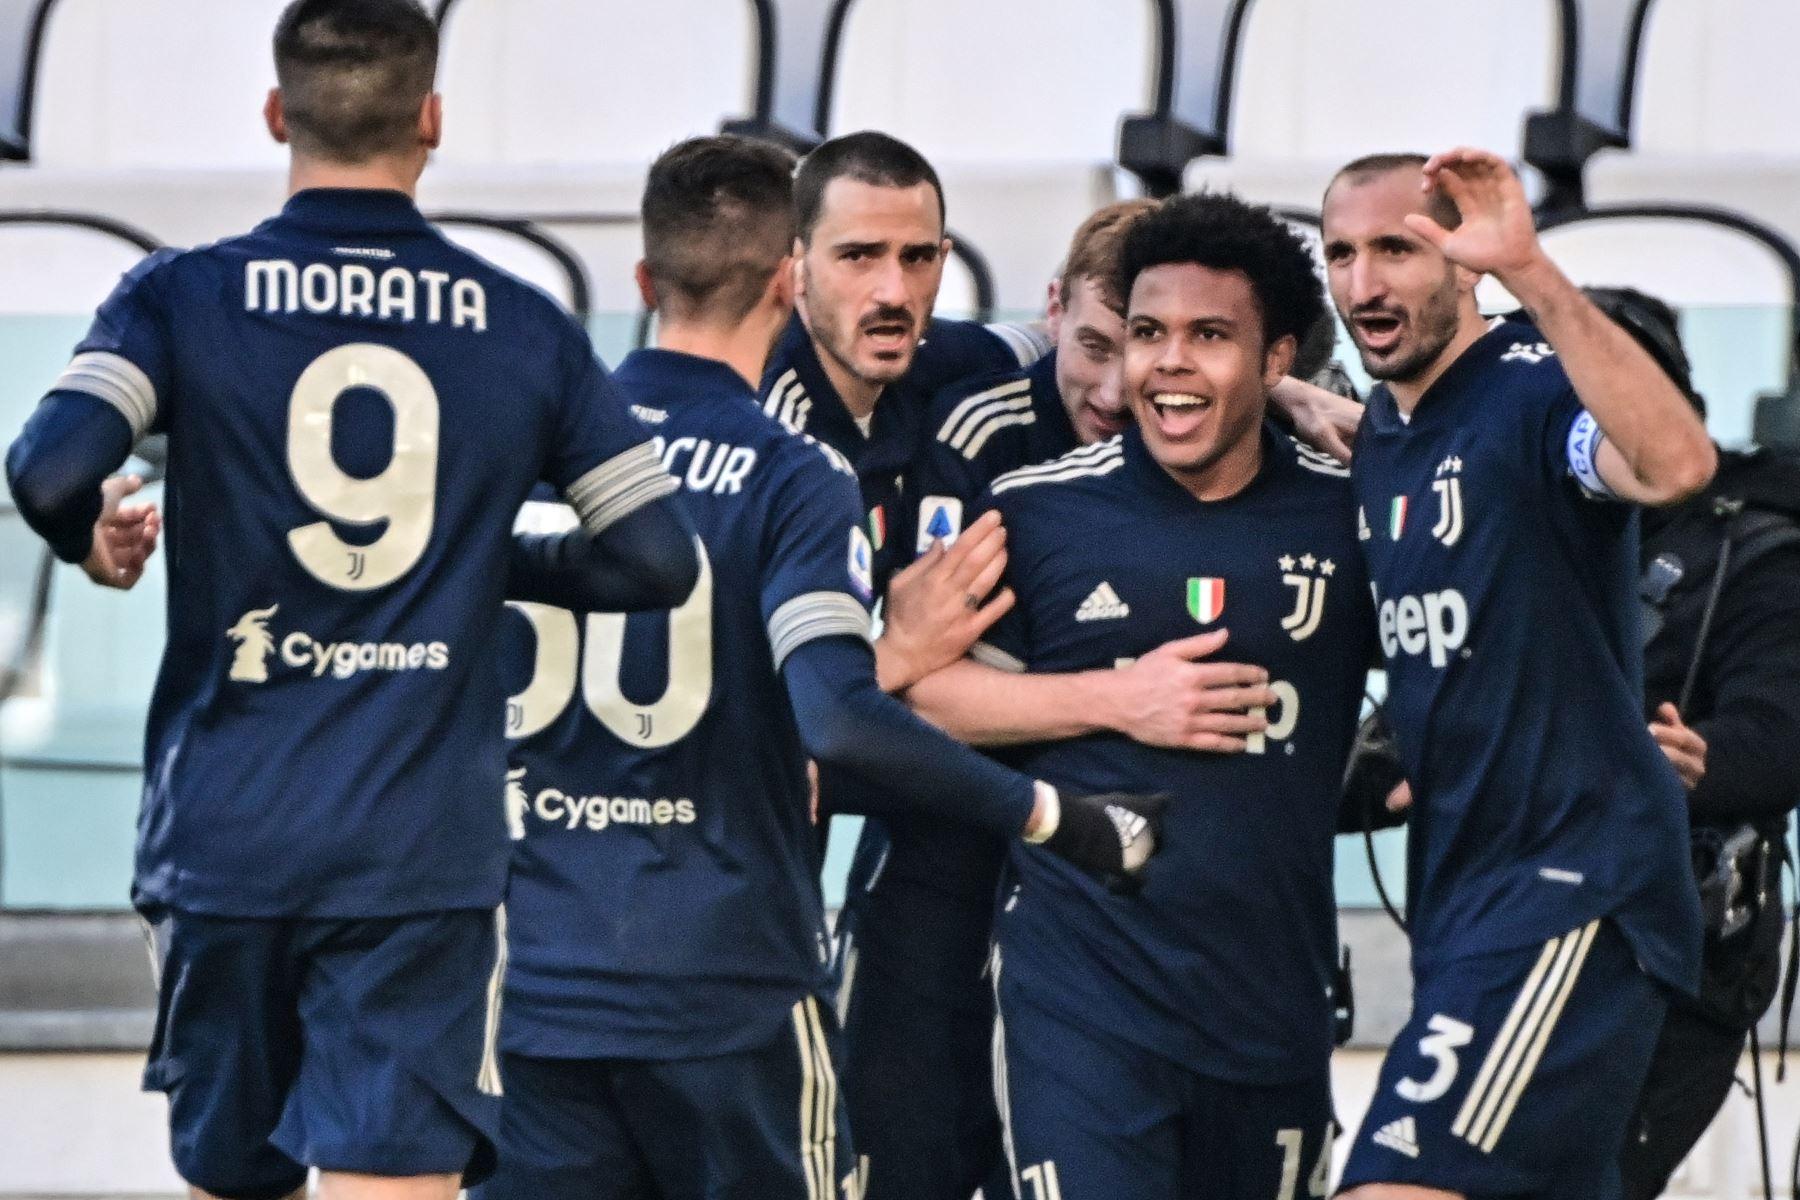 El centrocampista estadounidense de la Juventus Weston McKennie celebra tras anotar durante el partido de fútbol de la Serie A italiana Juventus vs Bologna en el estadio de la Juventus en Turín.  Foto: AFP